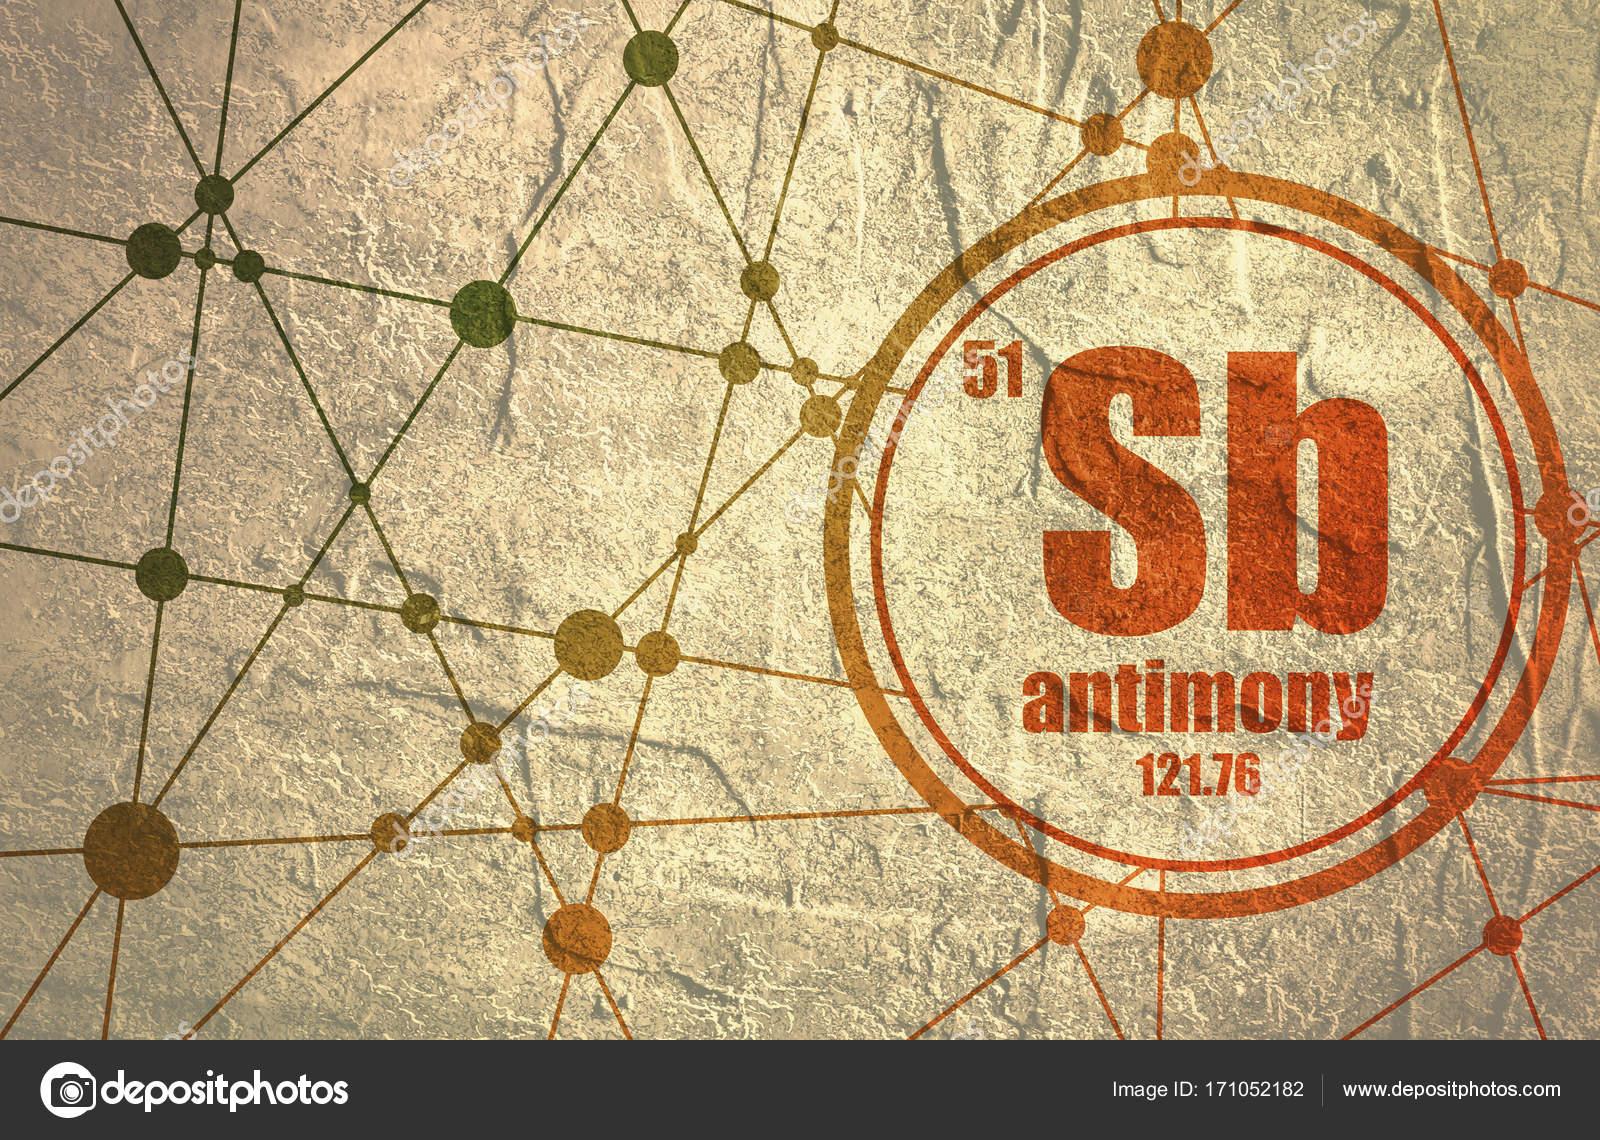 Antimony Chemical Element Stock Photo Jegasra 171052182